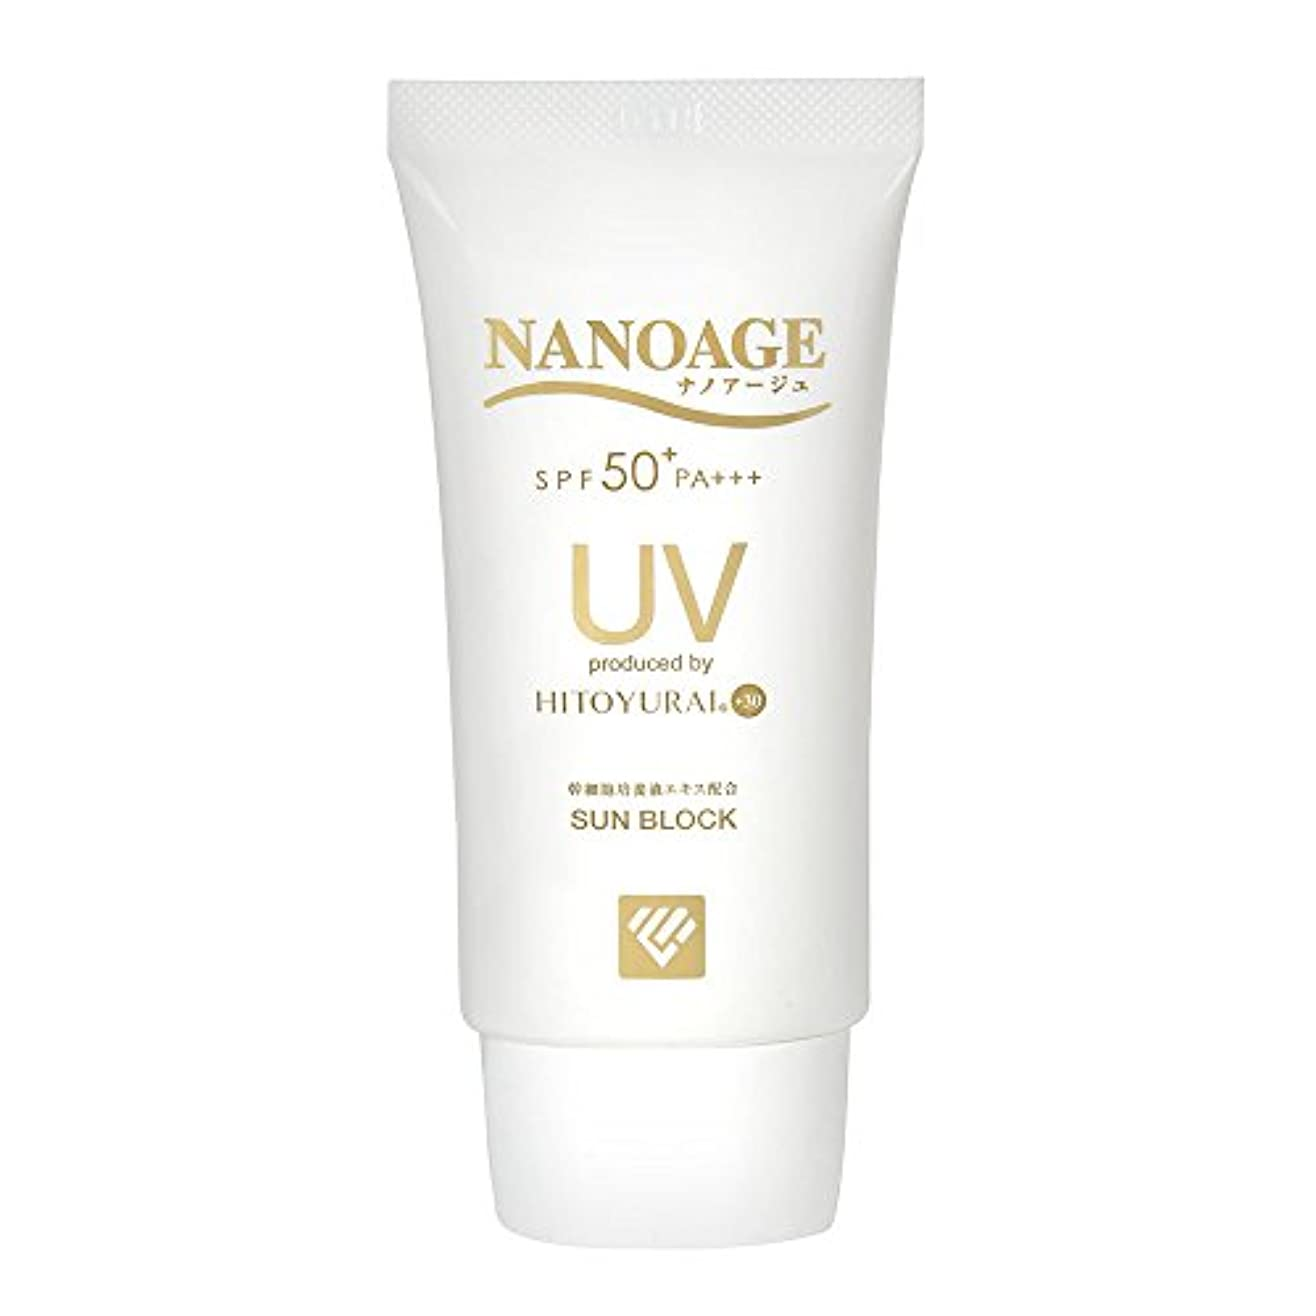 スカイダブル遠いNANOAGE(ナノアージュ) UVクリーム SPF50+ PA+++ 40ml